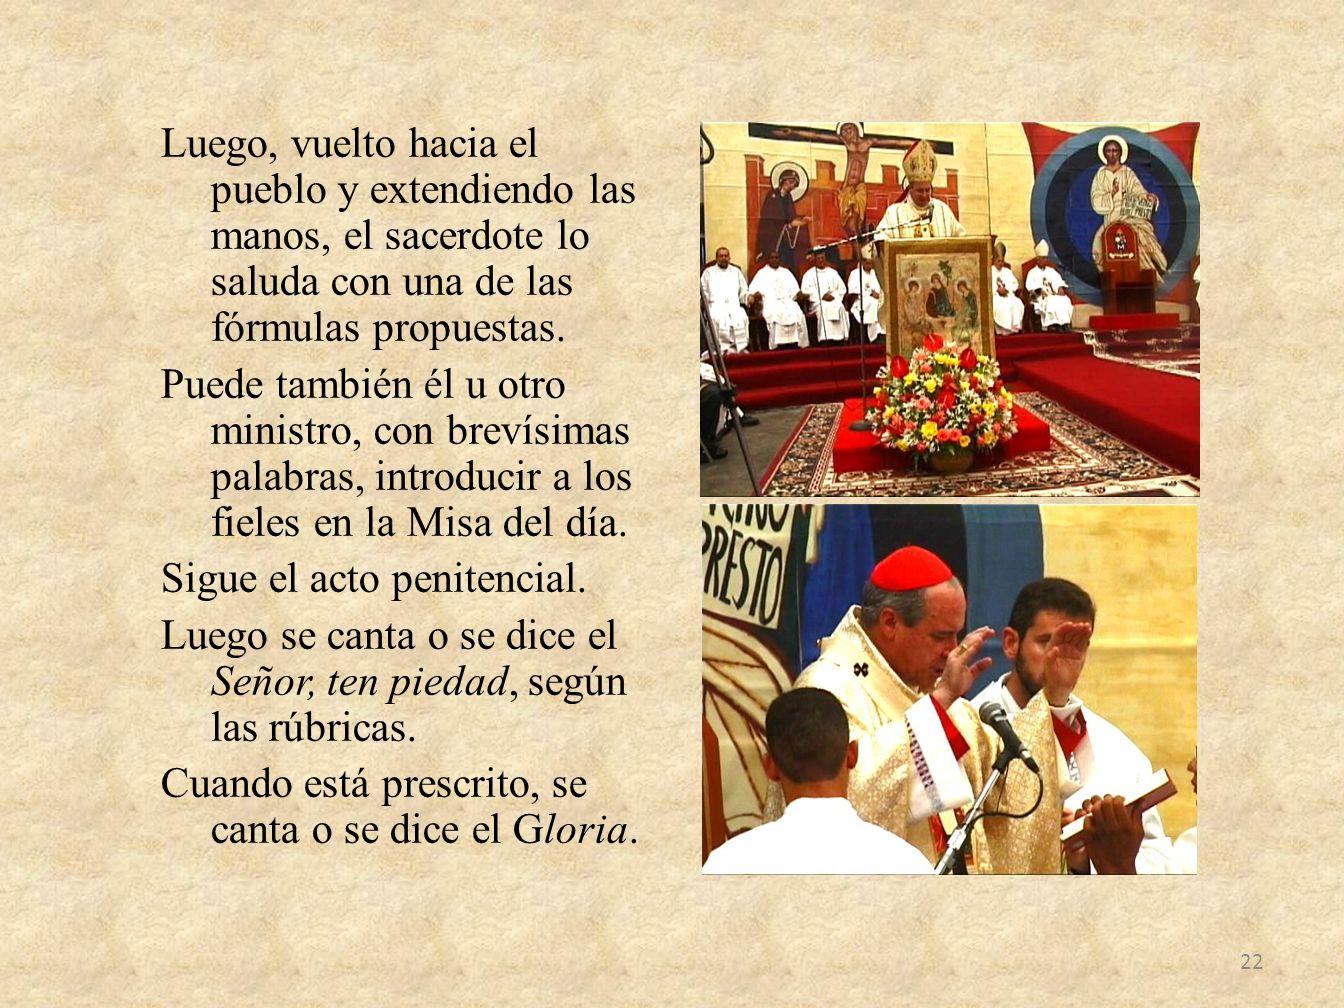 Luego, vuelto hacia el pueblo y extendiendo las manos, el sacerdote lo saluda con una de las fórmulas propuestas. Puede también él u otro ministro, co